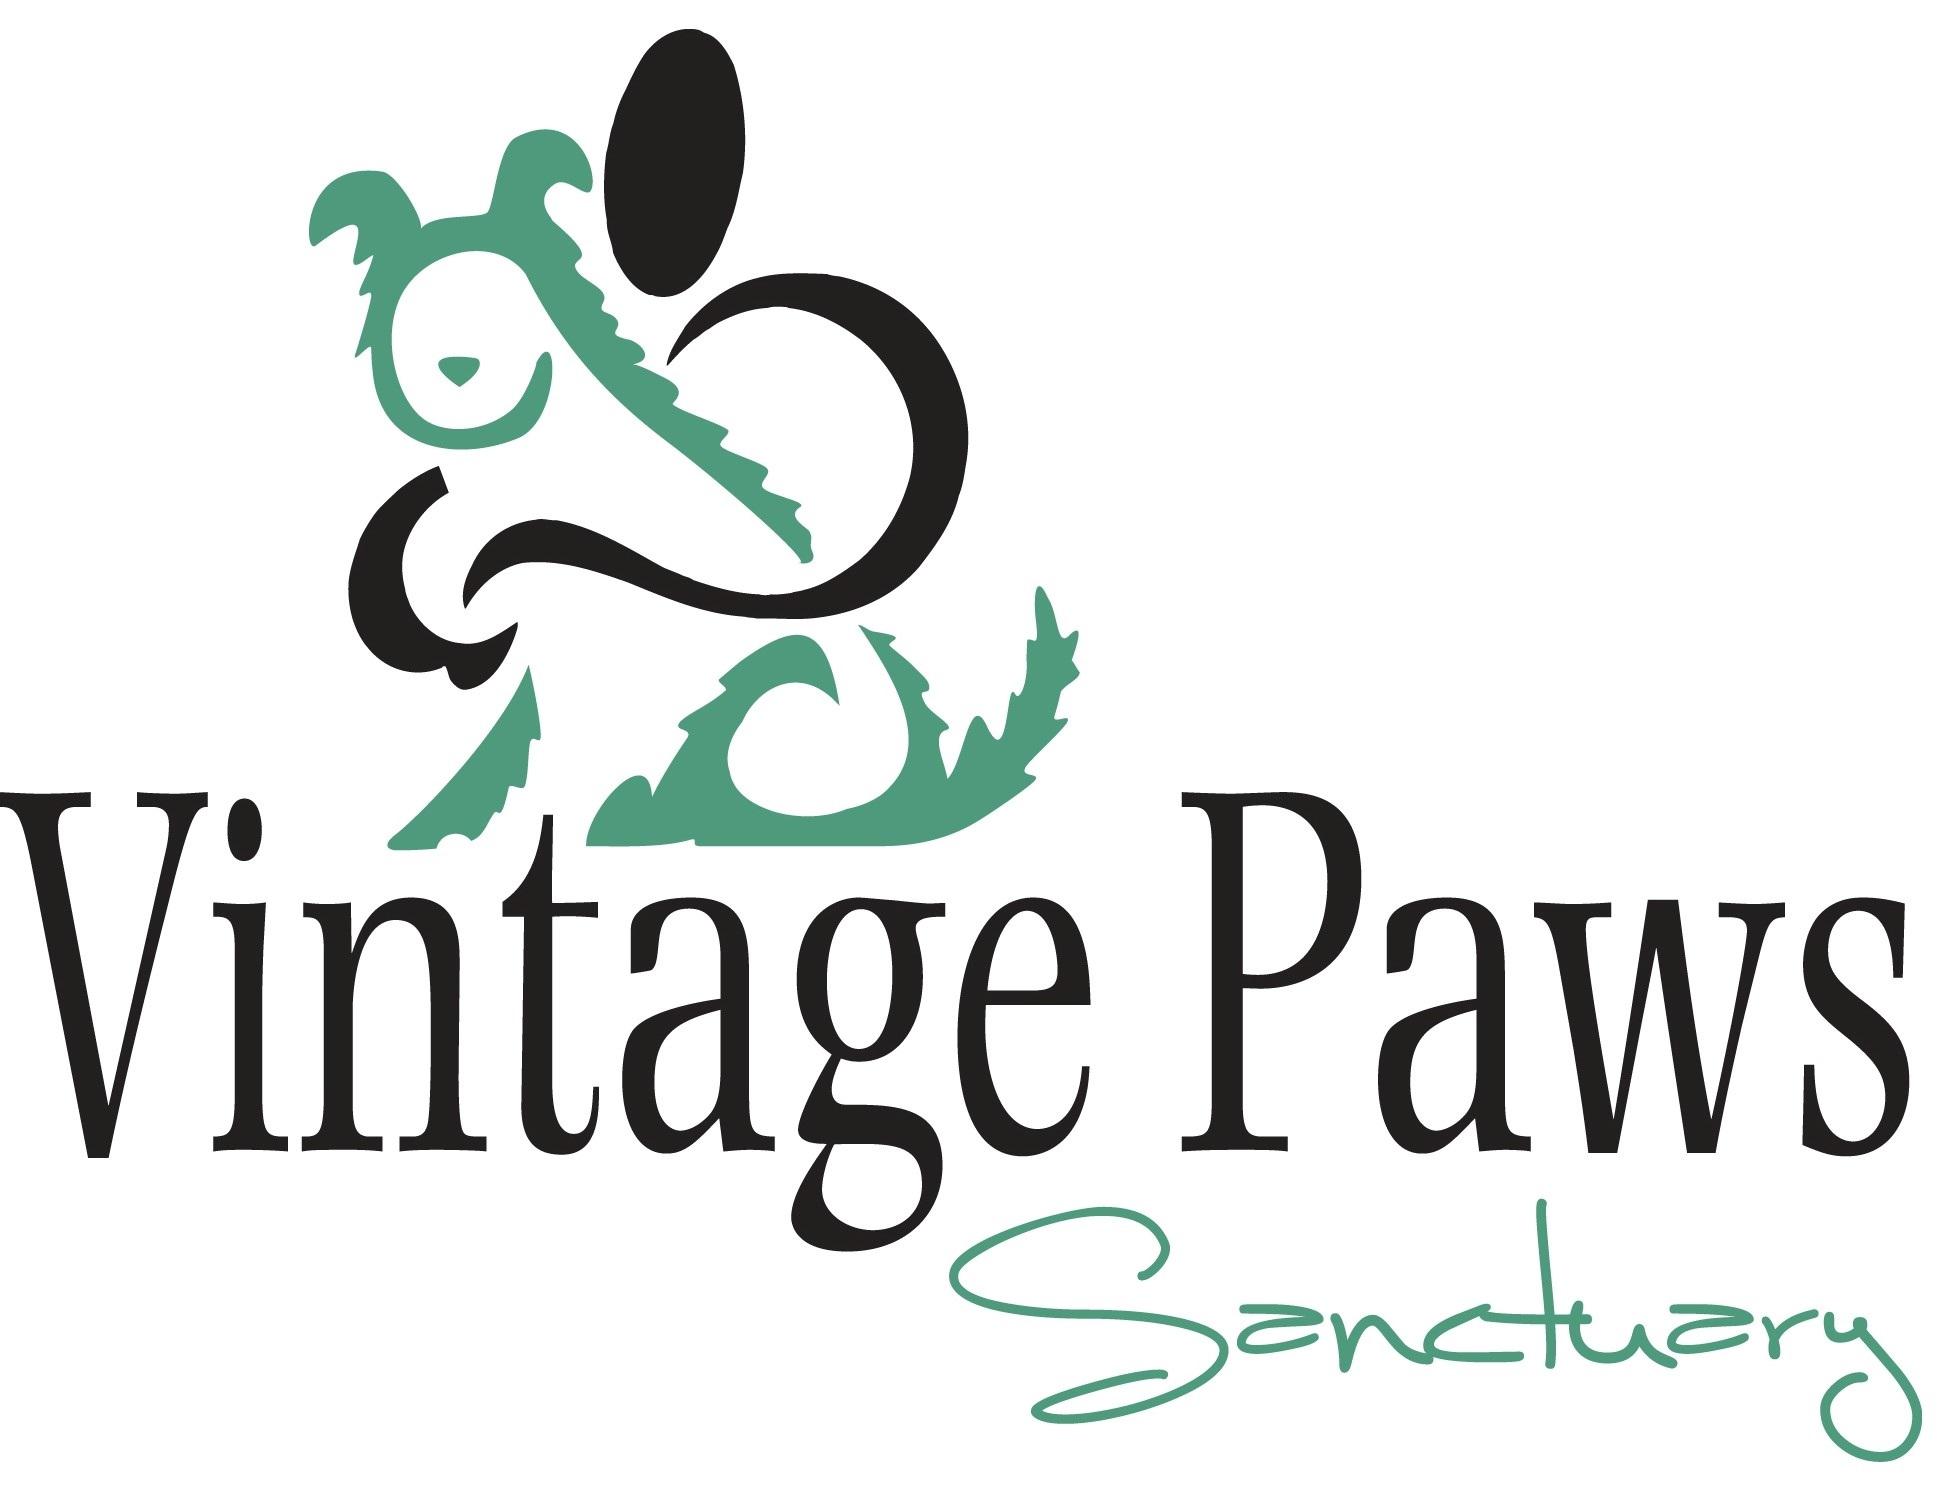 Vintage_Paws_Sanctuary_COLORLogo